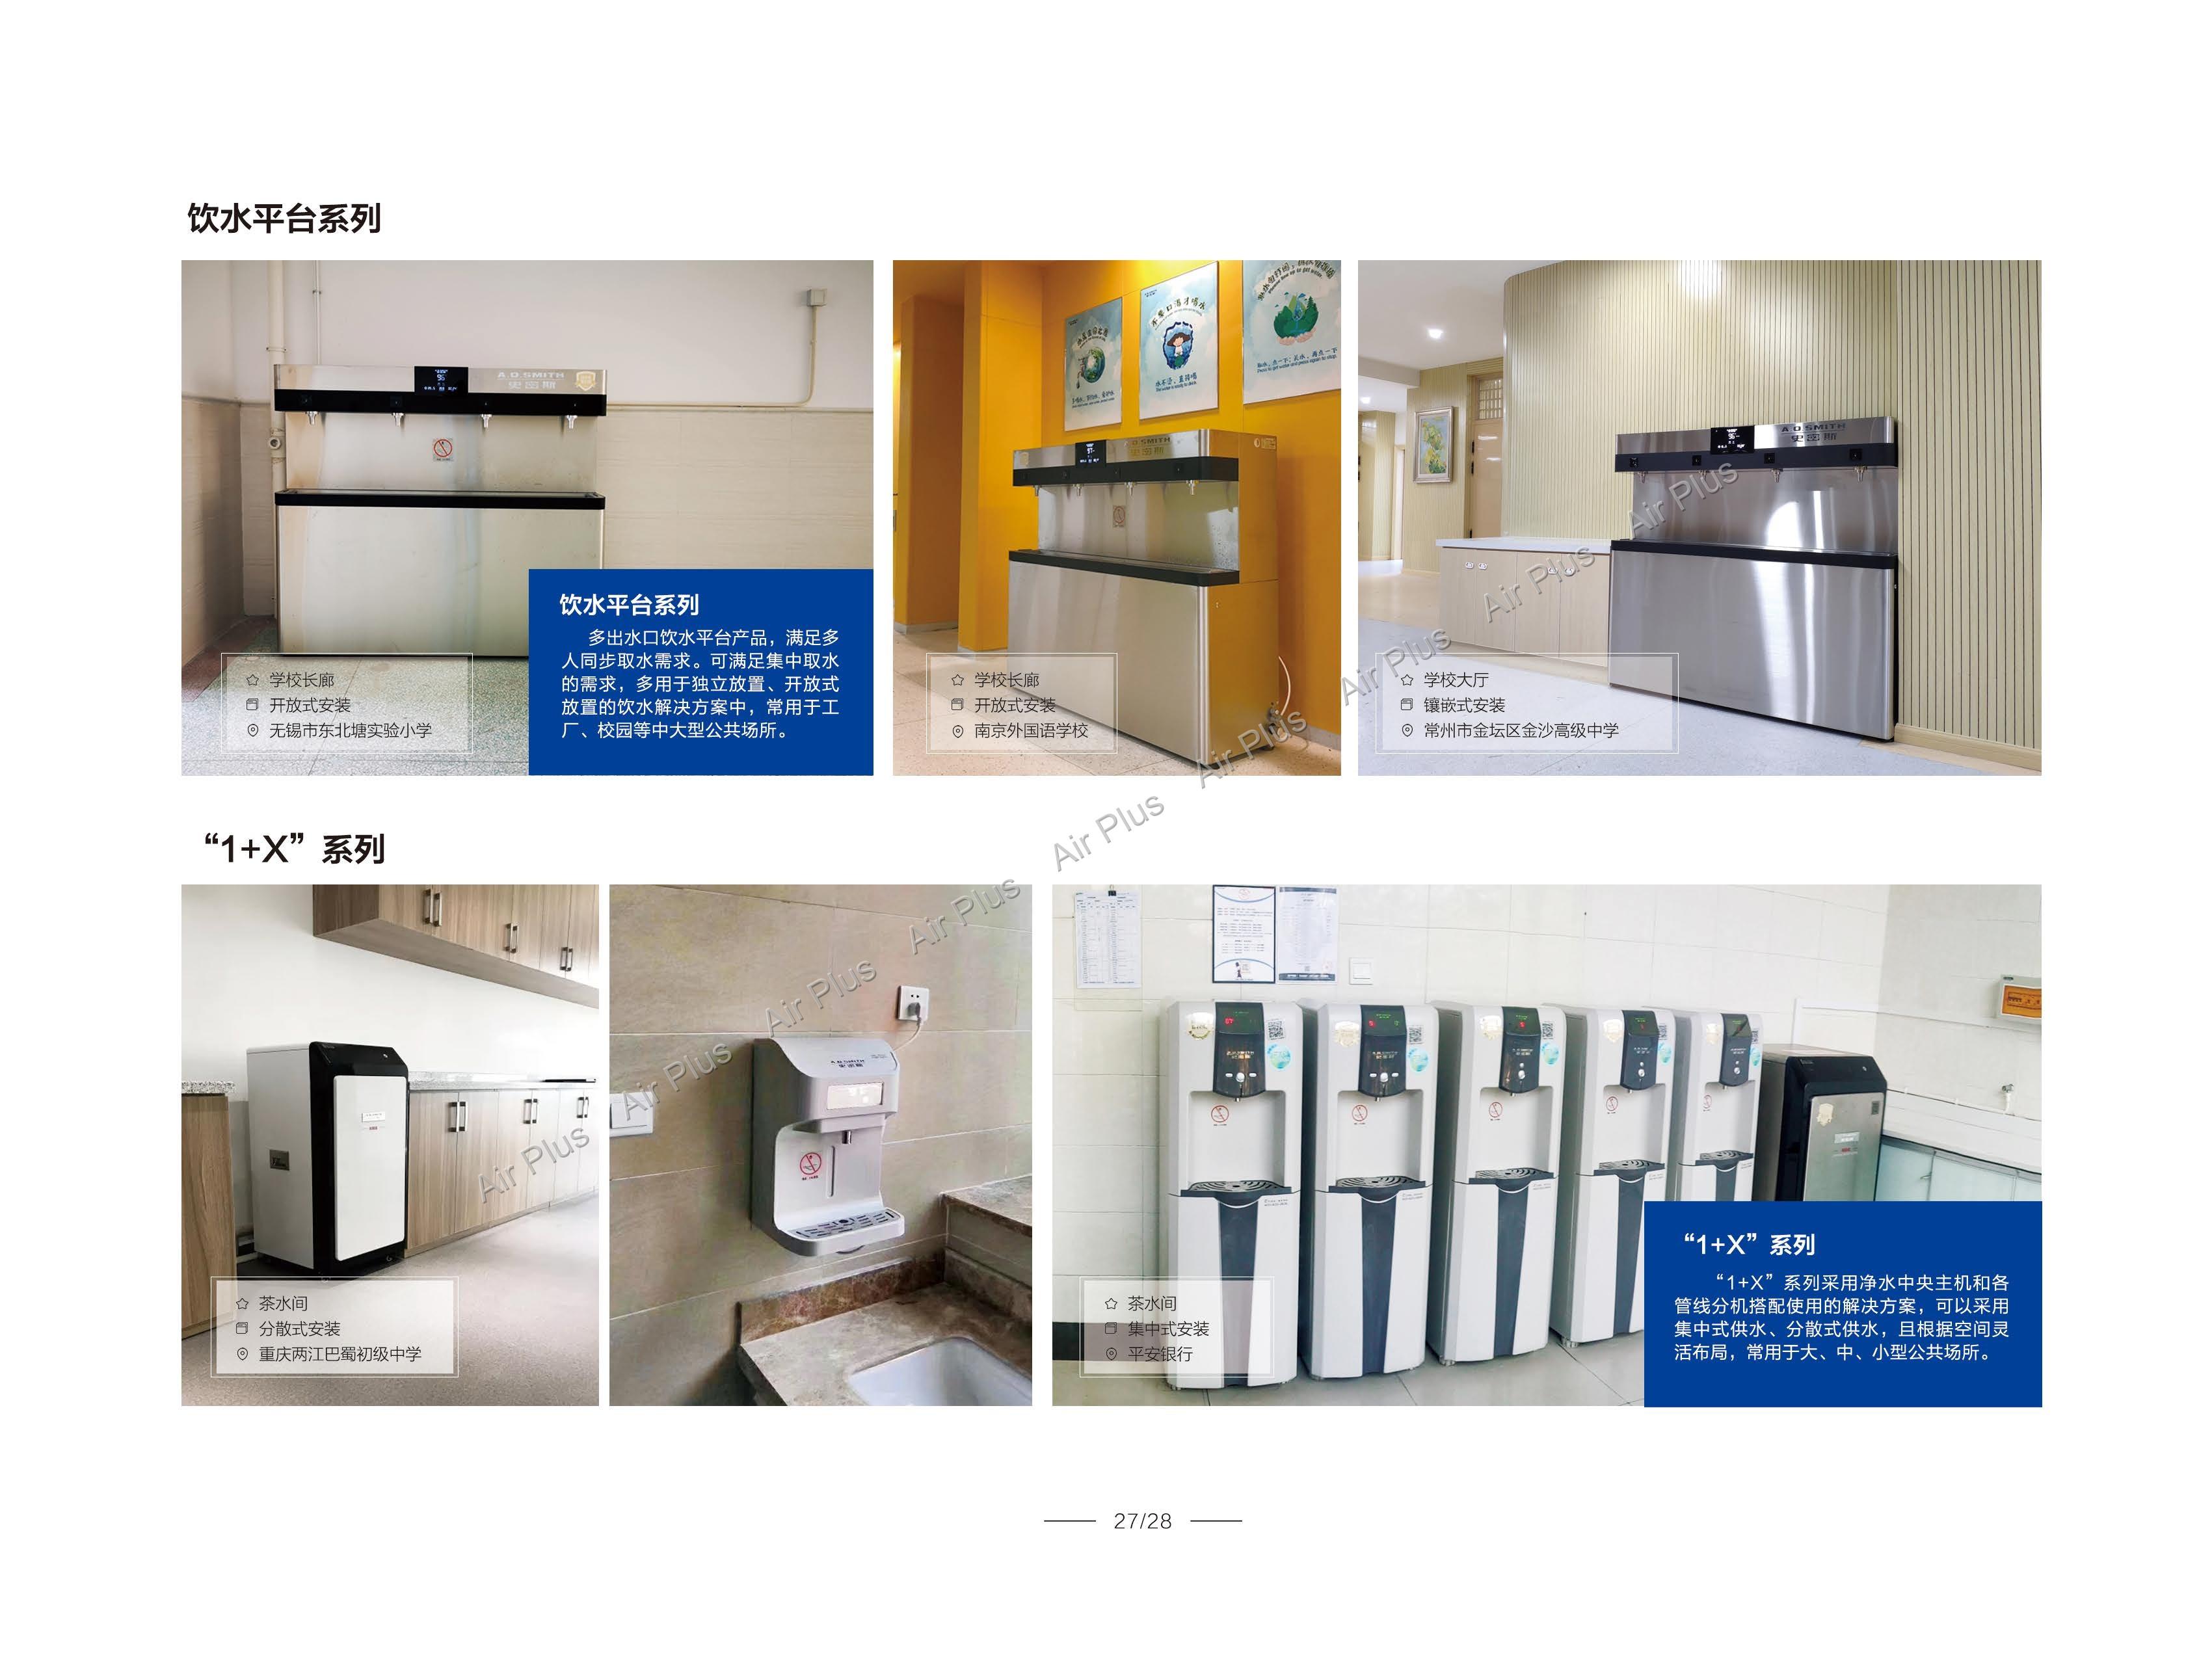 A.O.SMITH商用净水产品手册 手机端(1)_页面_29.jpg